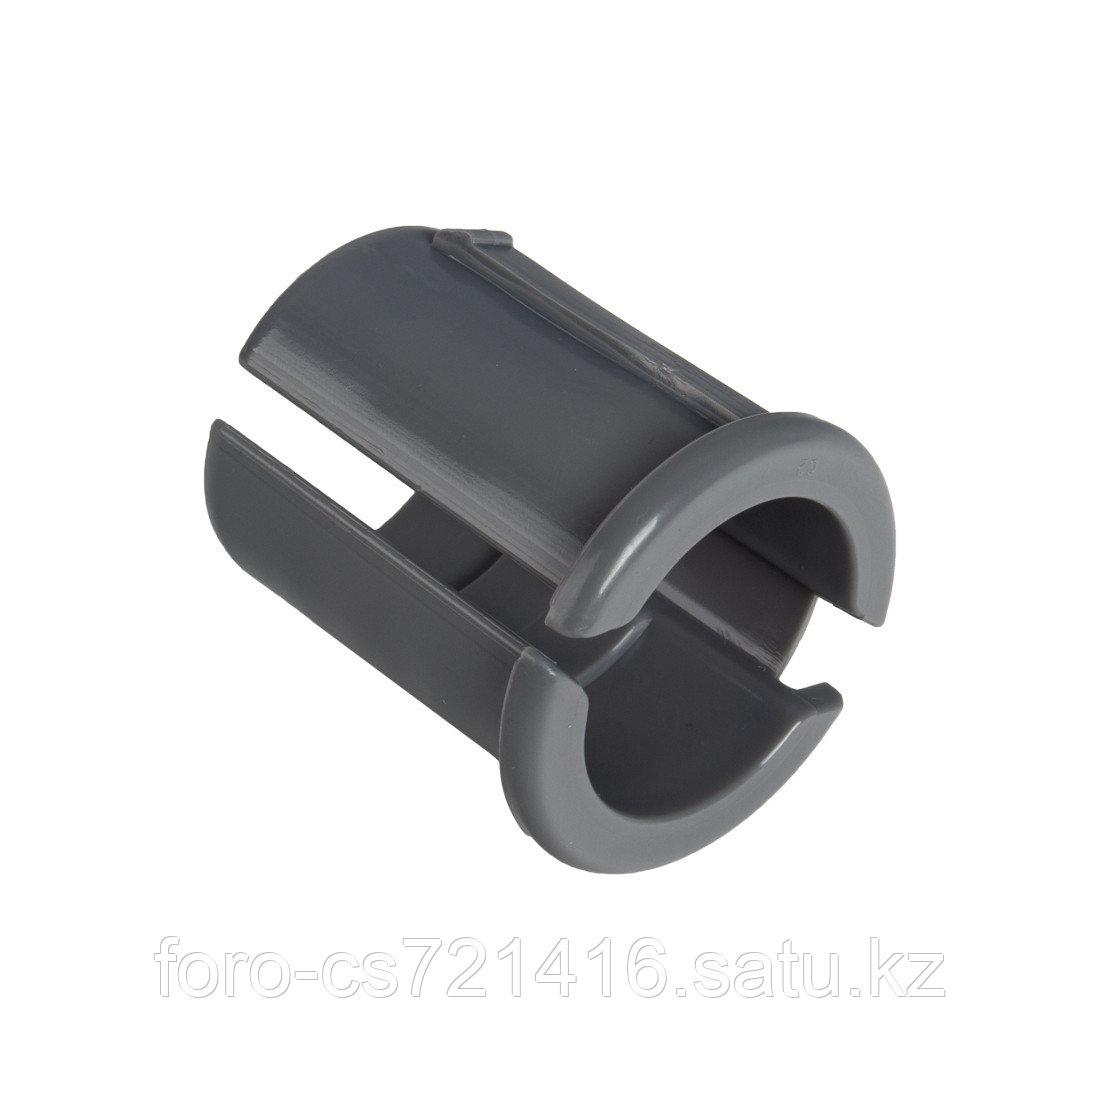 Защитный колпачок для лестницы бассейна Bestway P6H1166ASS16